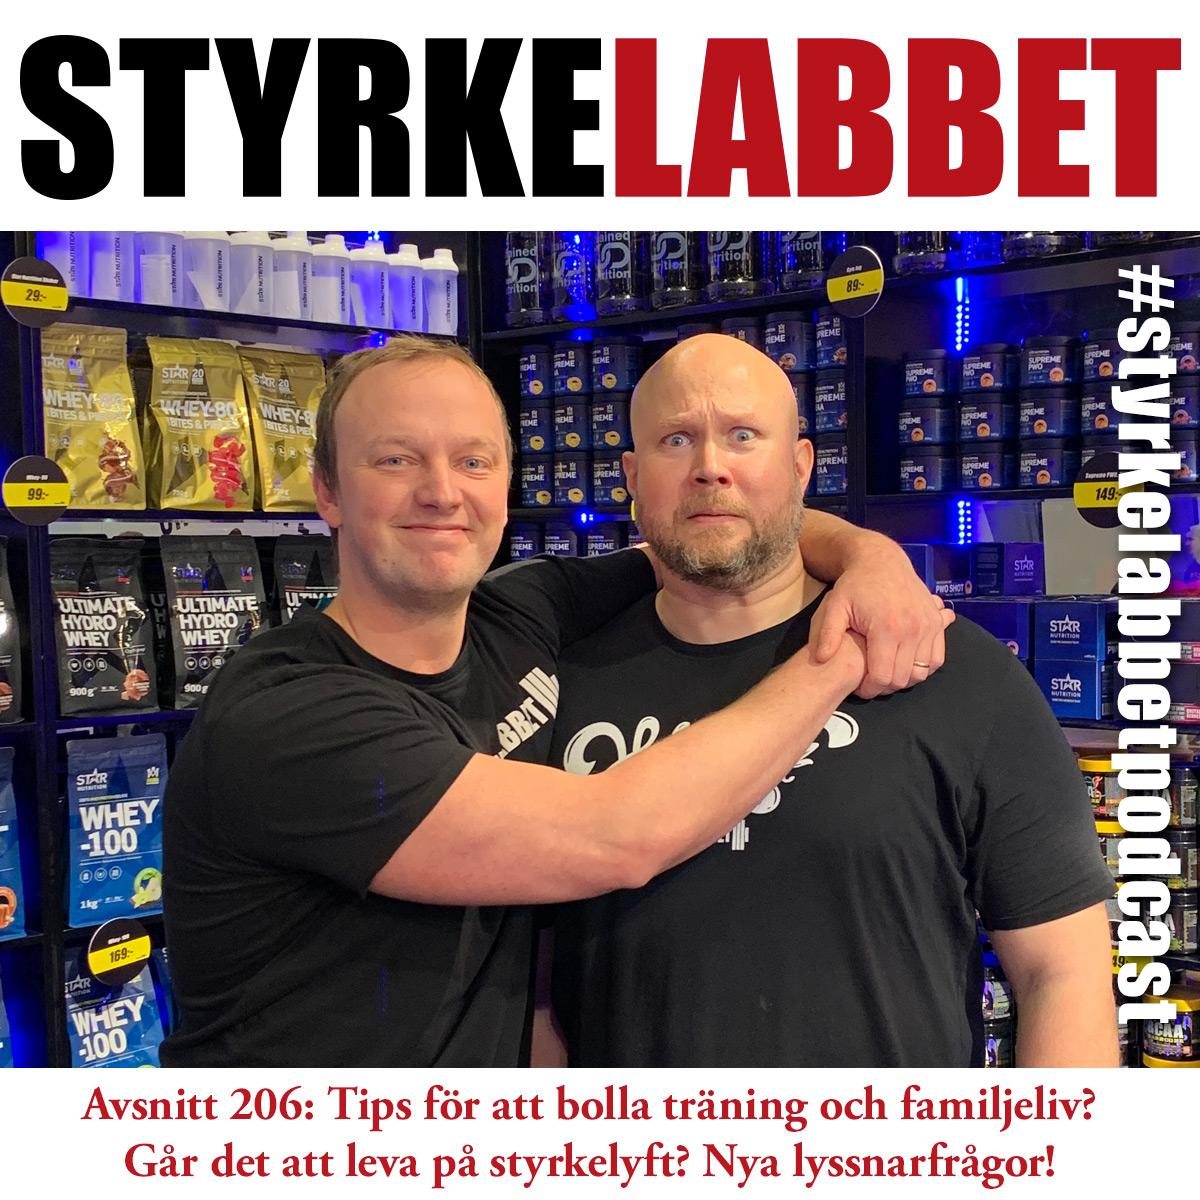 Styrkelabbet avsnitt 206: Tips för att bolla träning och familjeliv? Går det att leva på styrkelyft? Nya lyssnarfrågor!